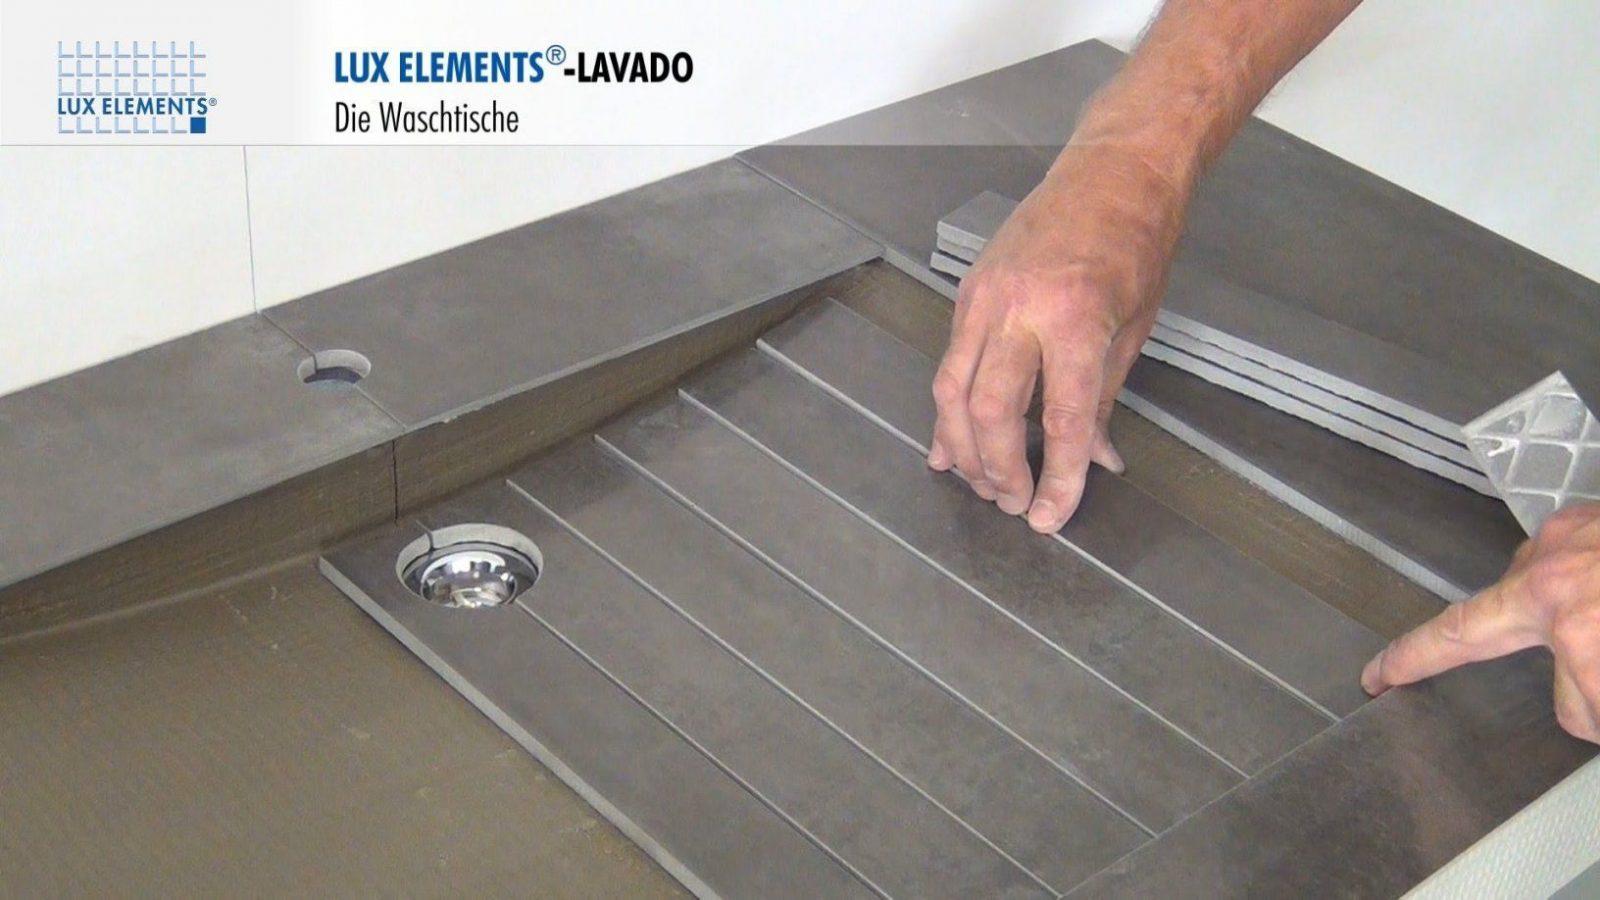 Lux Elements Montage Waschtische Lavado Im Schwebenden Design  Youtube von Waschtisch Selber Bauen Bauplatten Bild